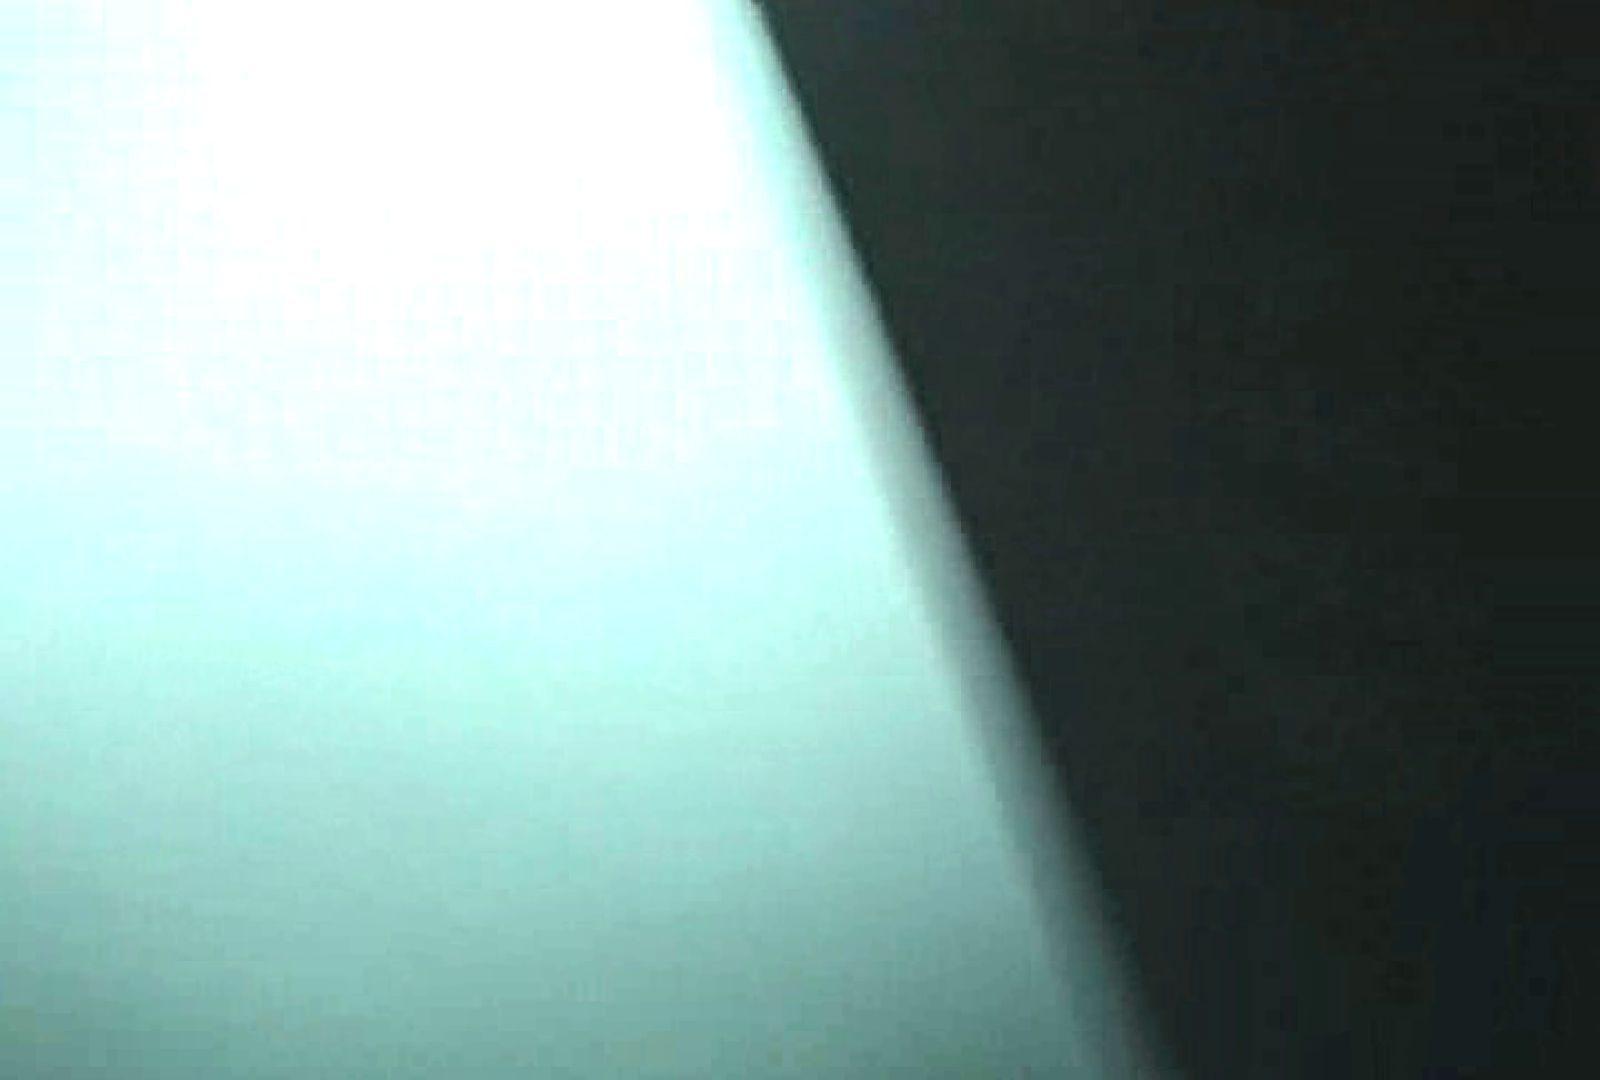 充血監督の深夜の運動会Vol.42 OL  55枚 3